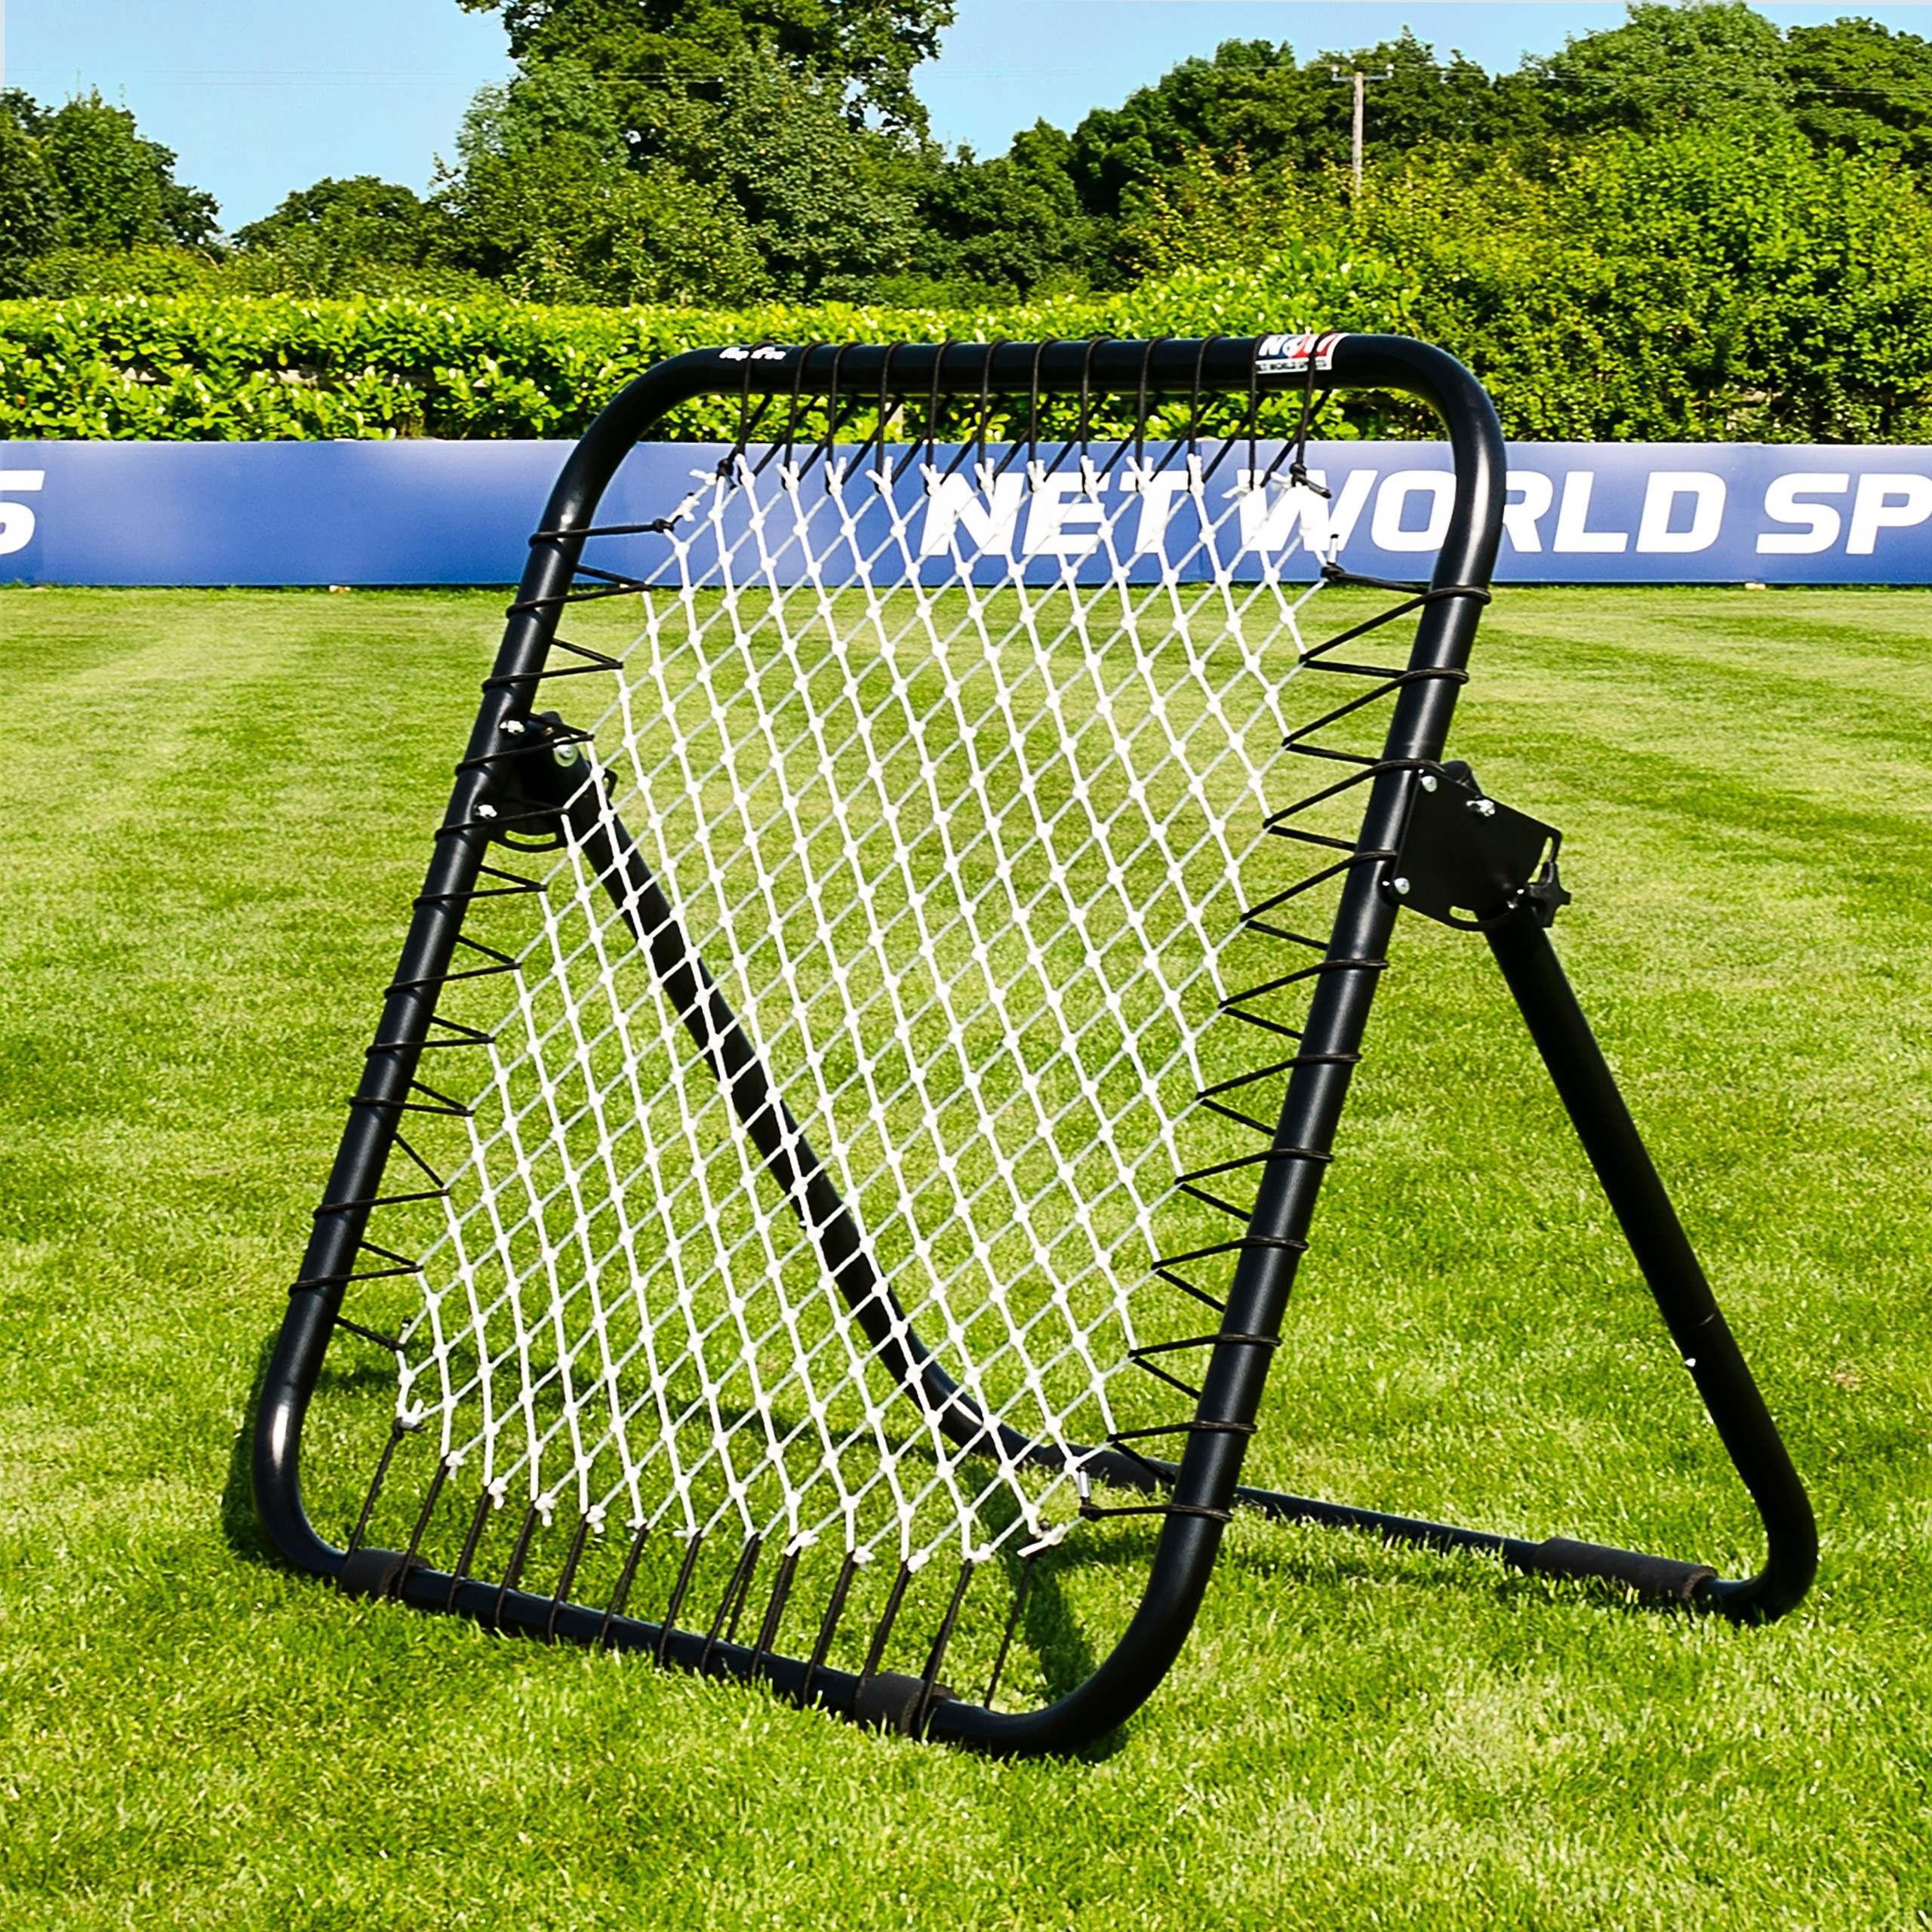 net world sports australia review